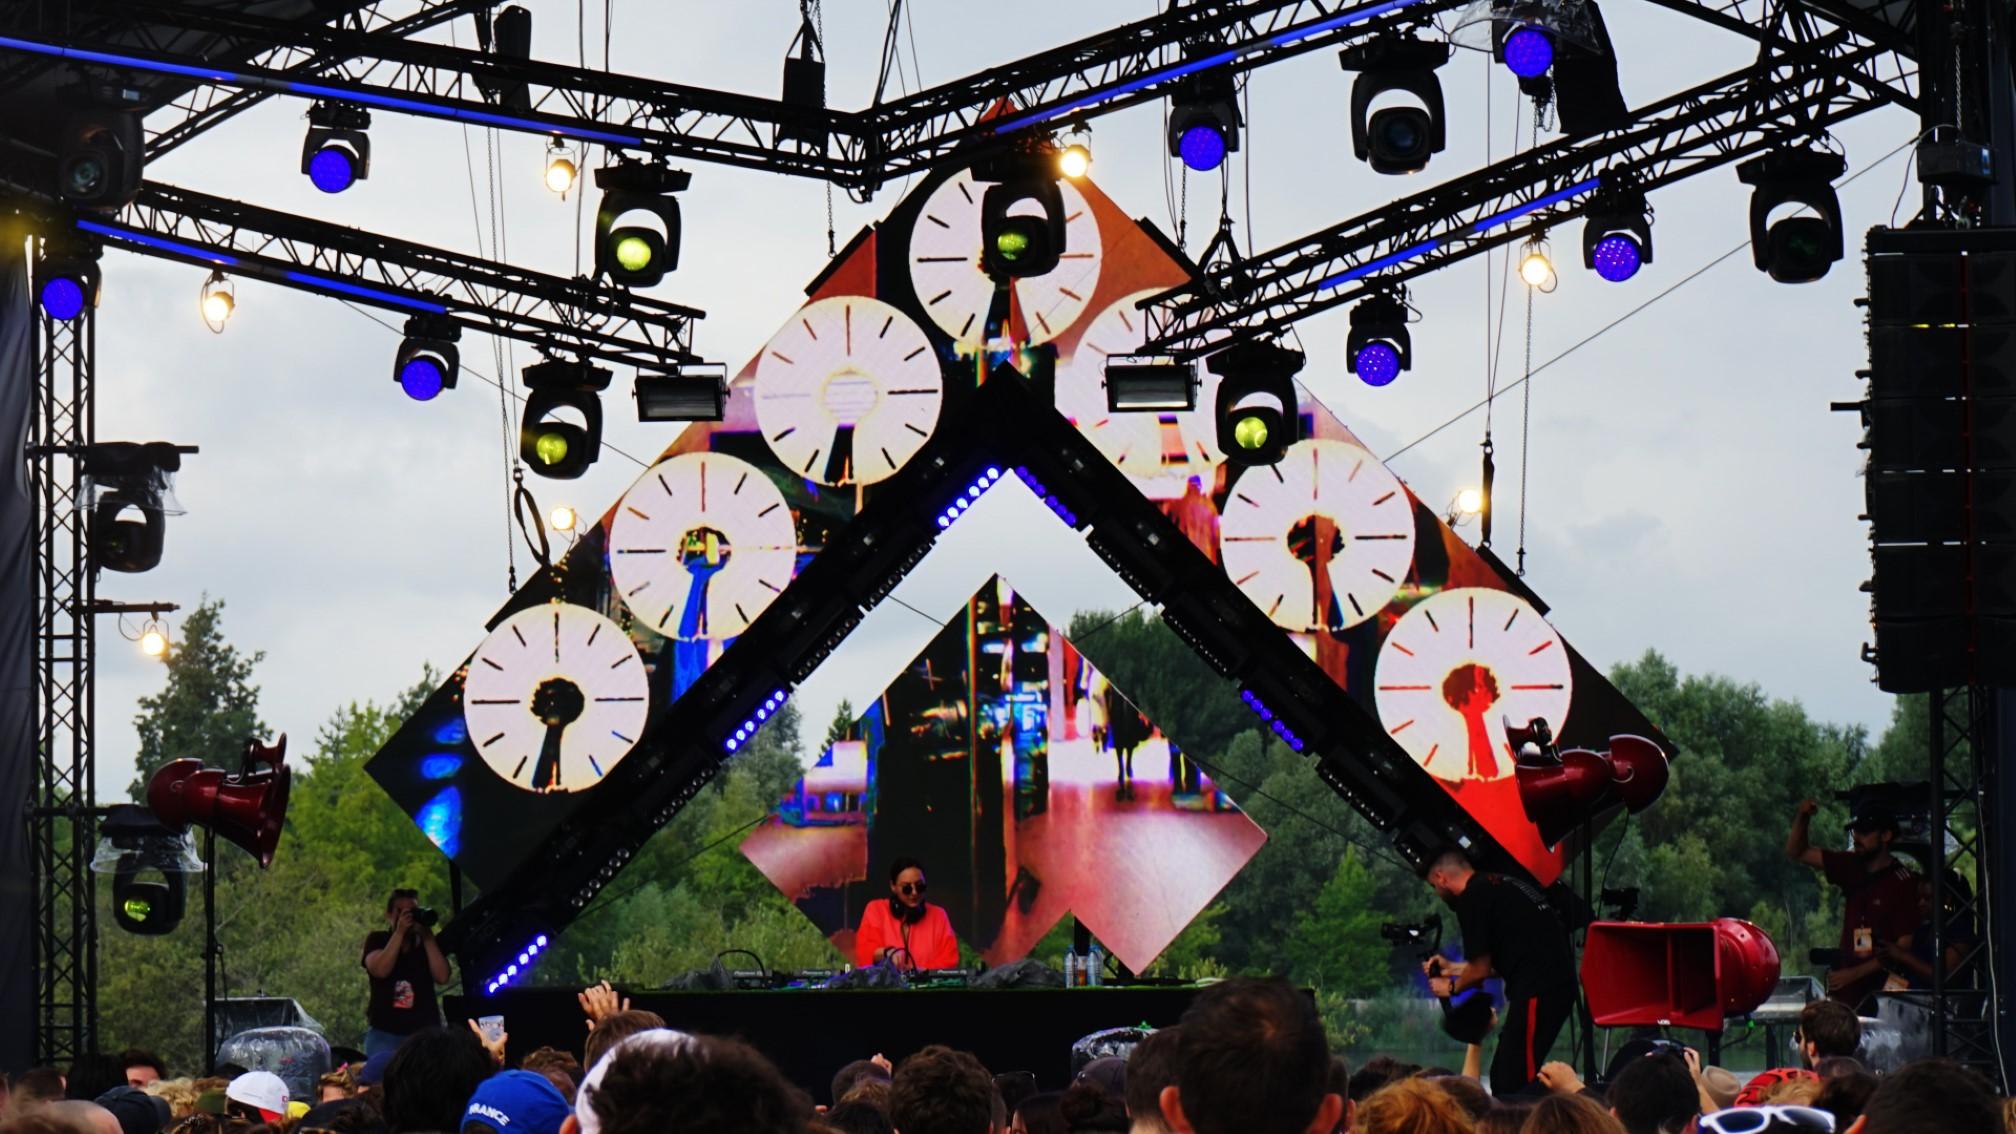 Plein_Air_Festival_Purpurea_-7